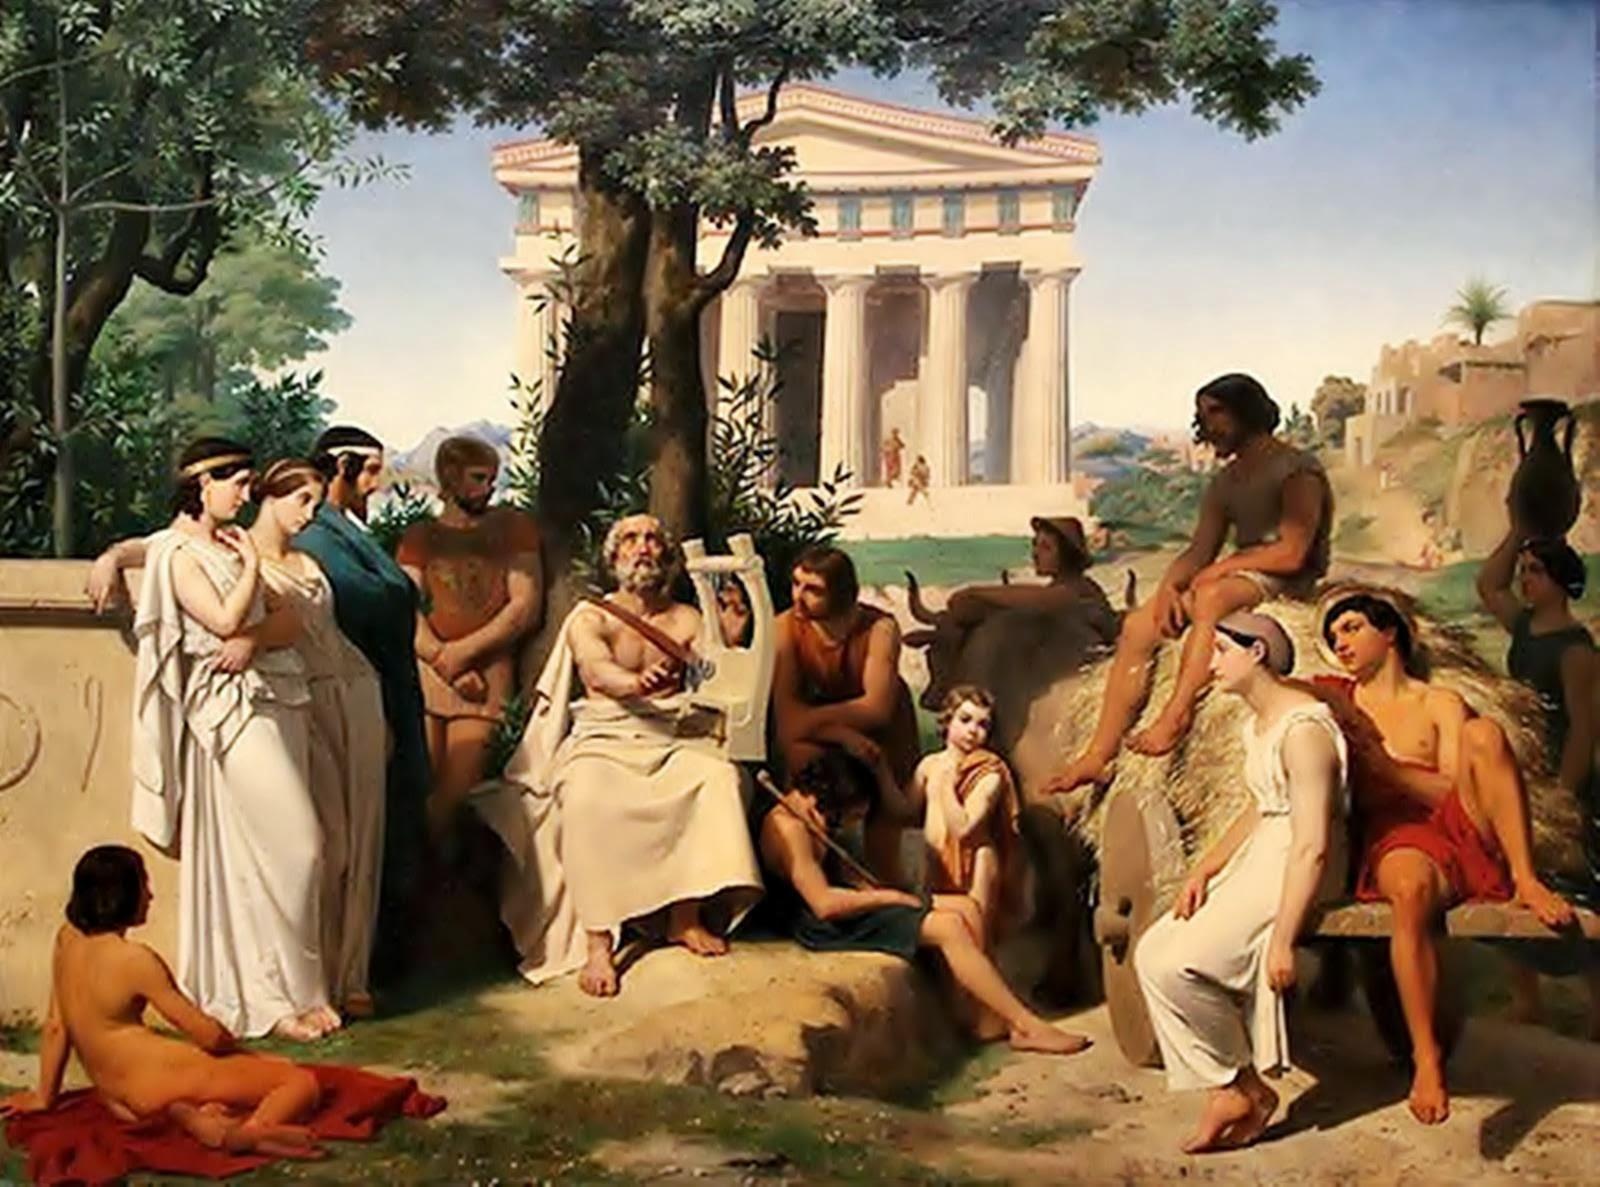 Η Μυθολογία είναι πρωτότοκη αδελφή της Ιστορίας.